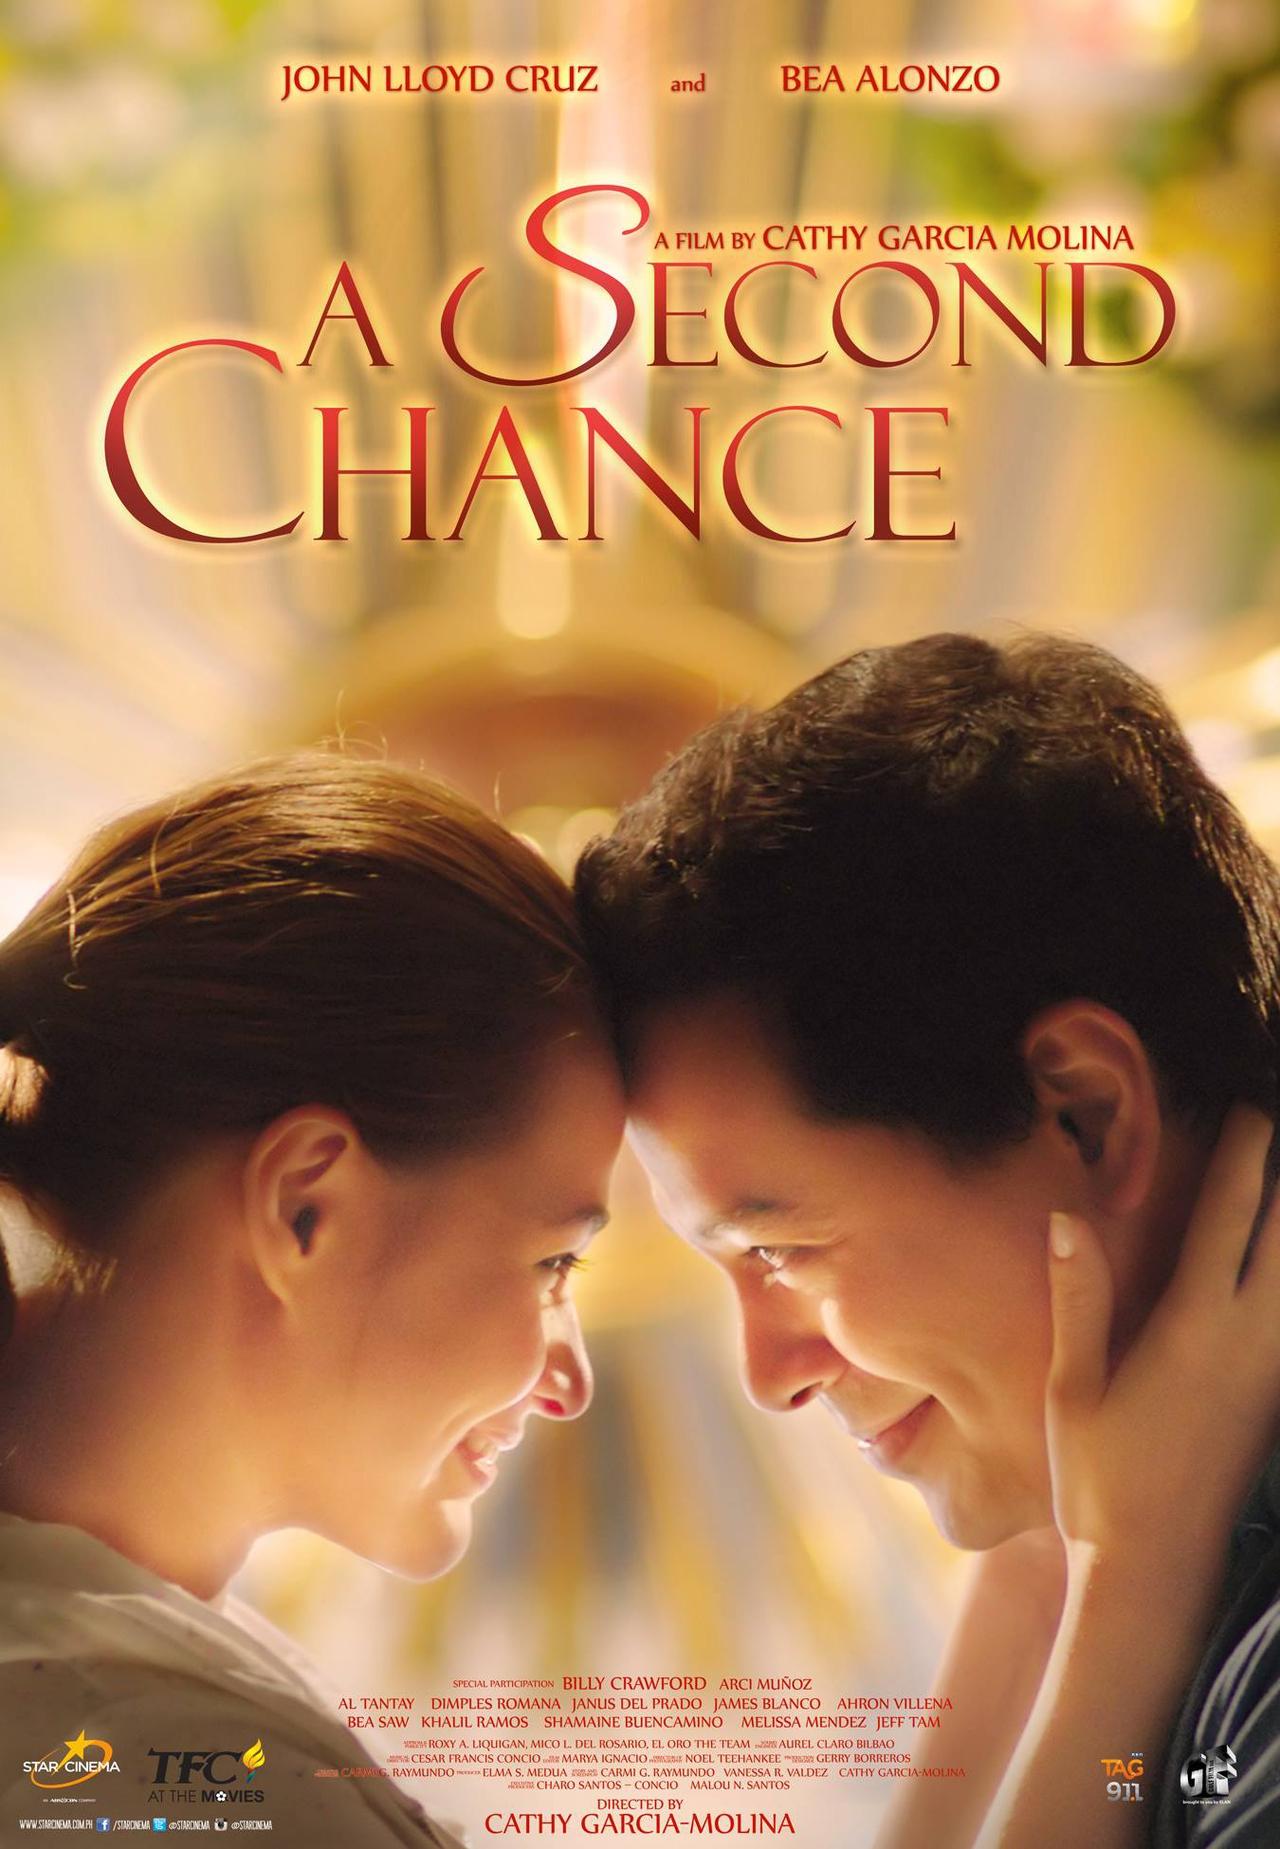 فیلم سینمایی A Second Chance با حضور John Lloyd Cruz و Bea Alonzo